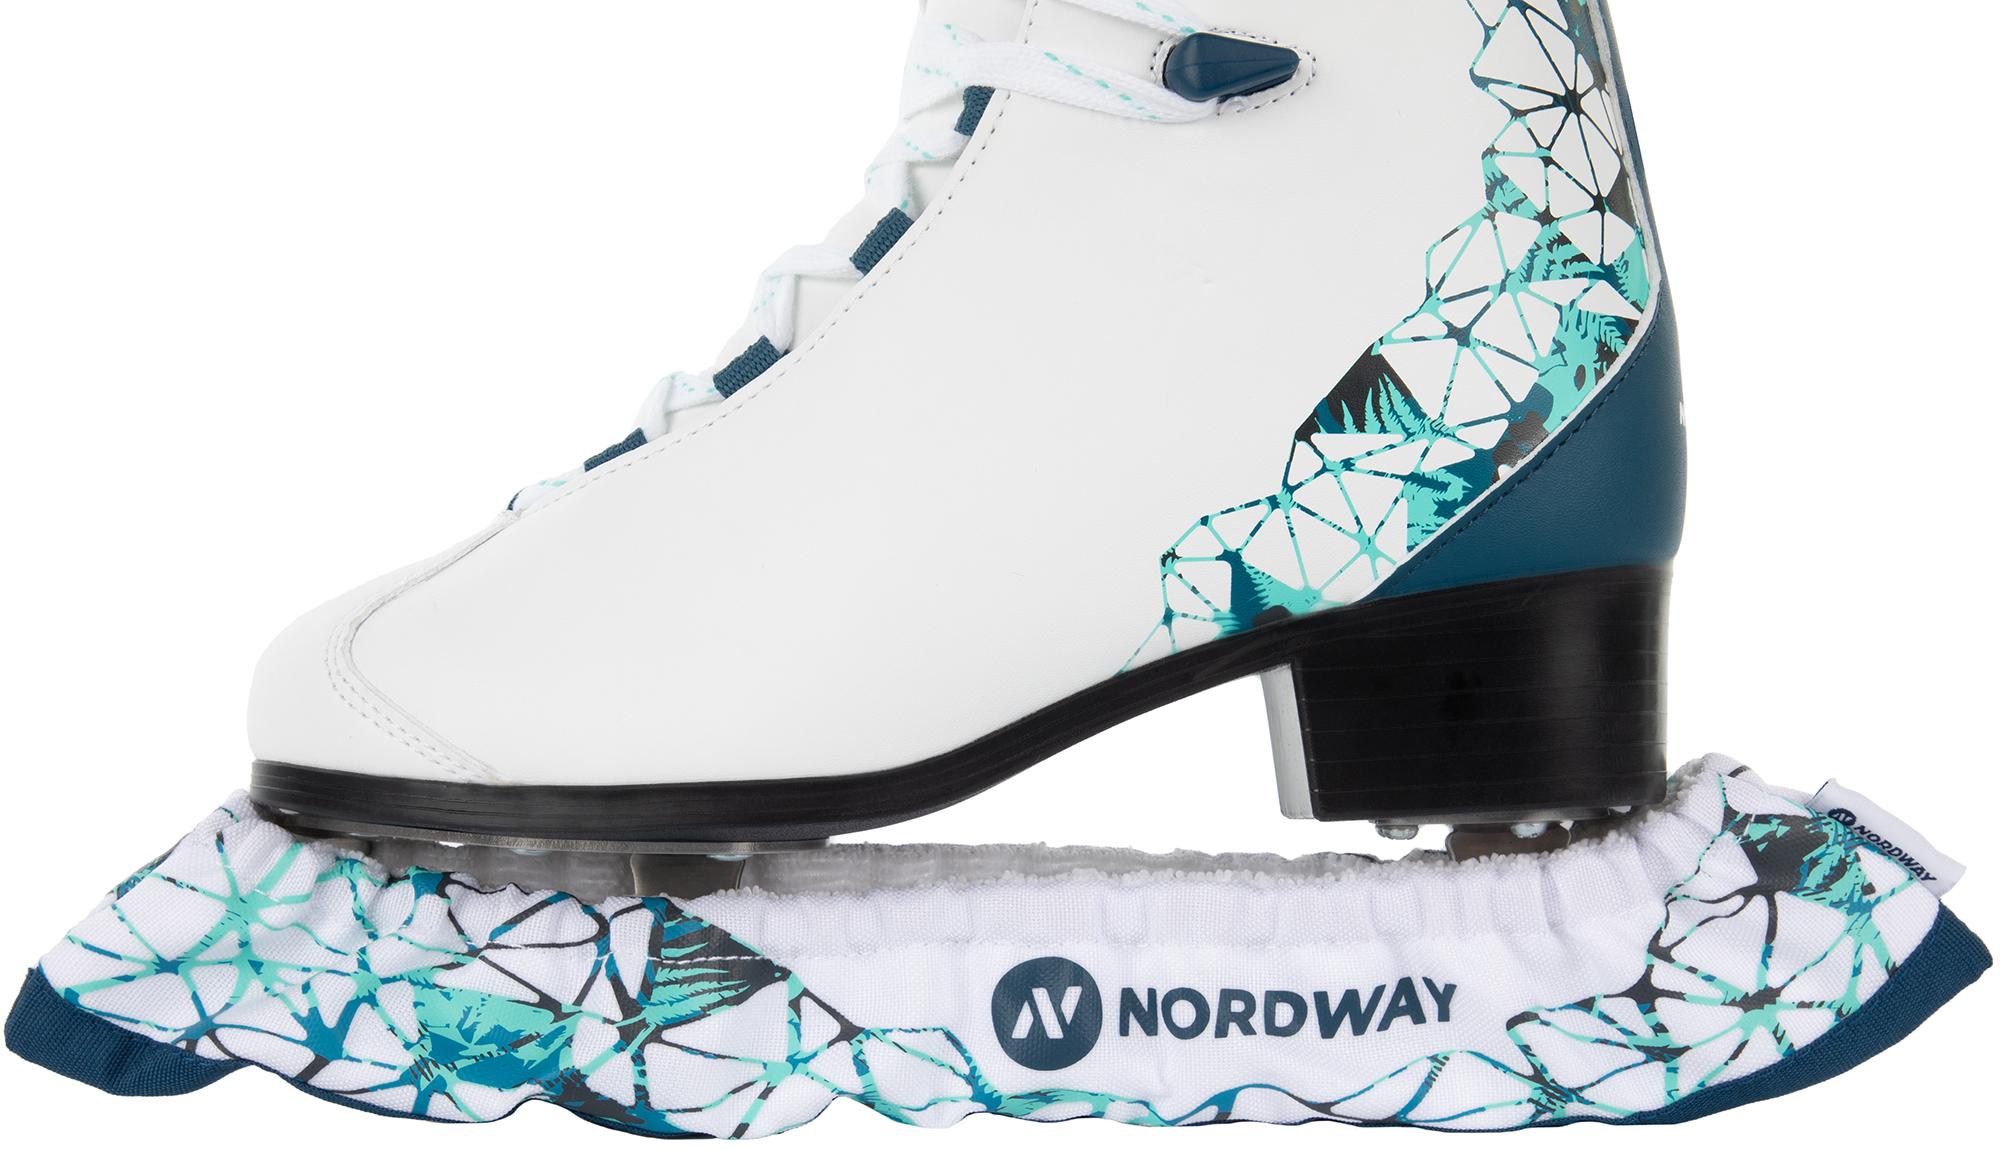 Nordway Чехлы для лезвий коньков мягкие ADELE